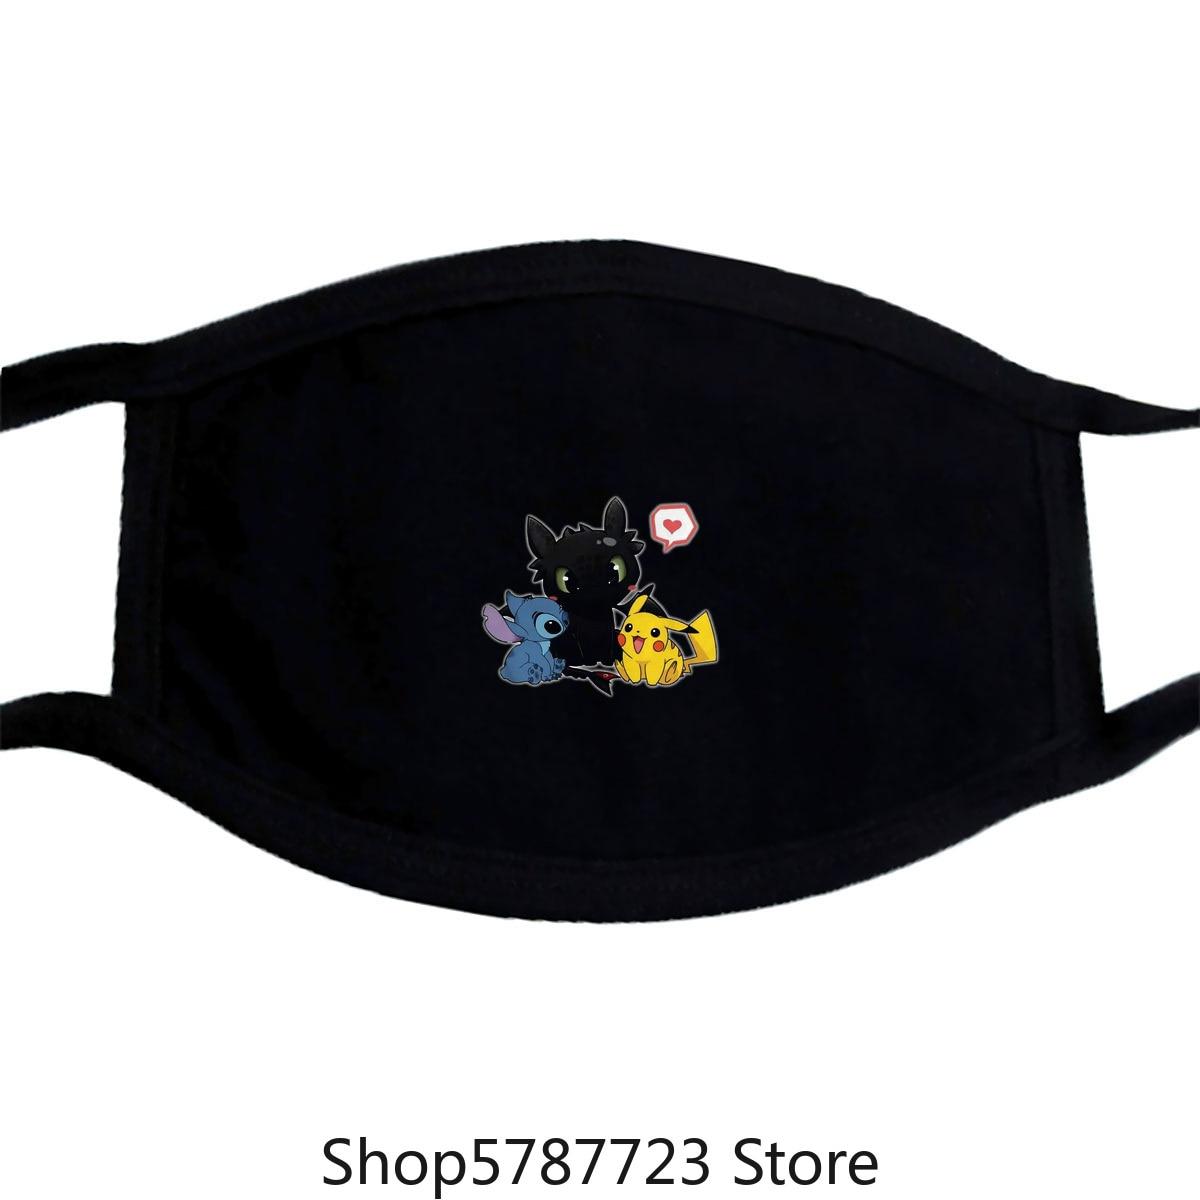 Stitch Night Fury And Pikachu Friendship Mask